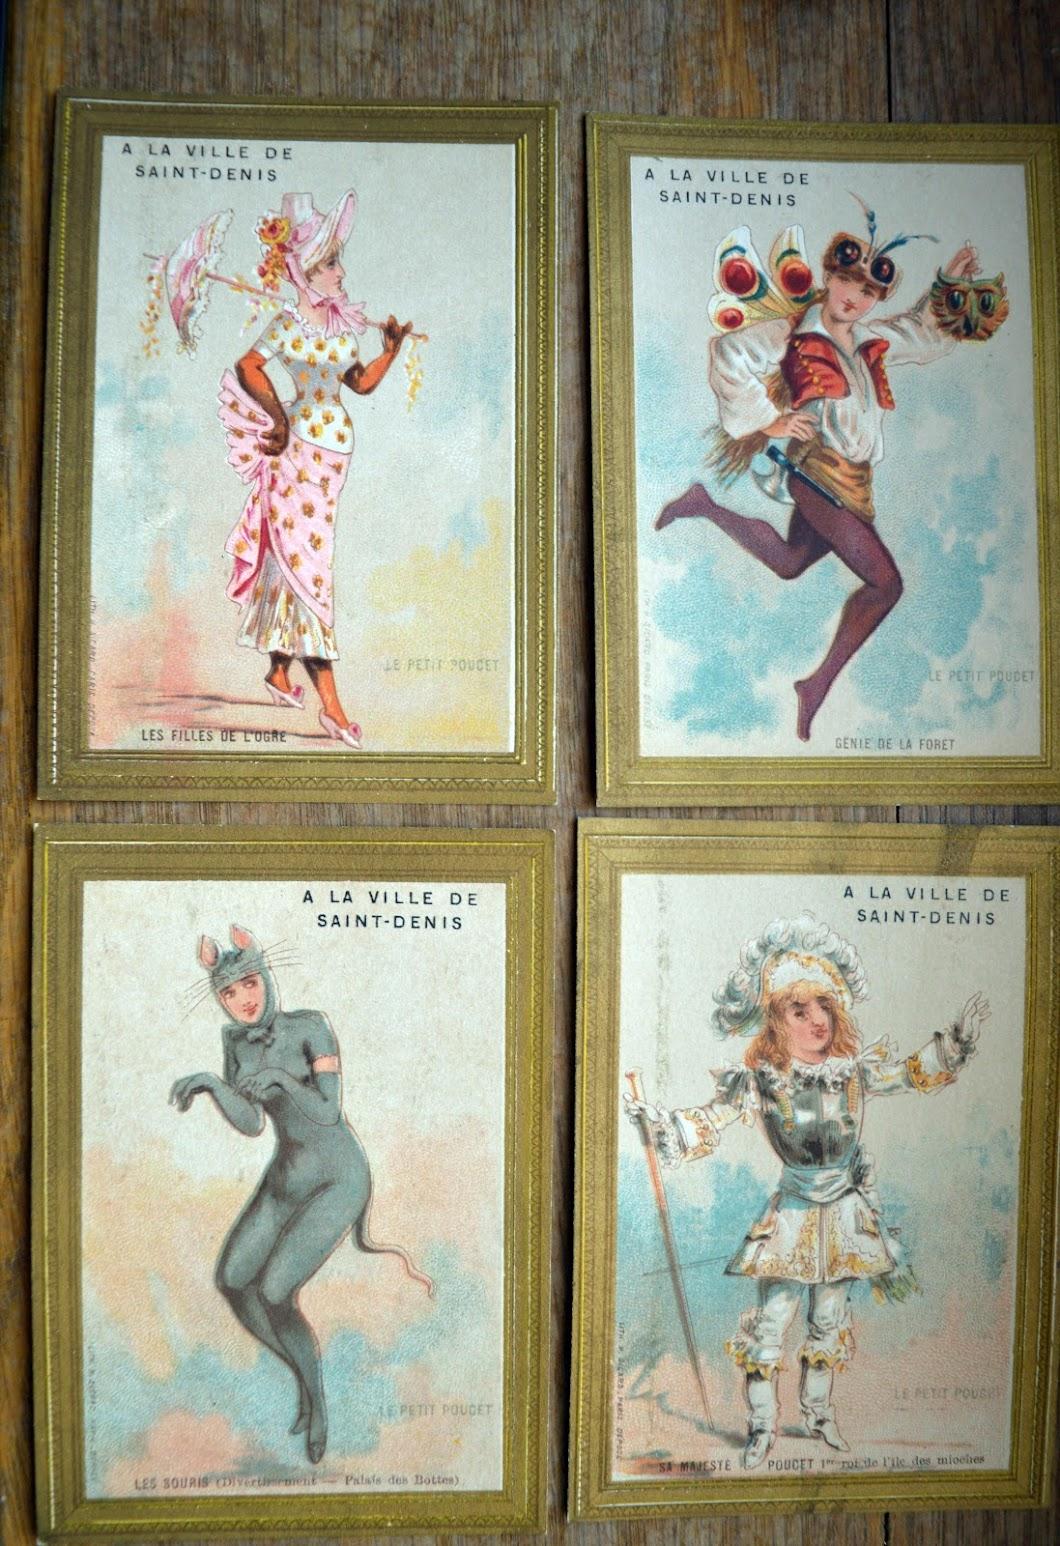 Der kleine Däumling - Le Petit Poucet - Werbekarten der Kaufhauses A la Ville de Saint-Denis